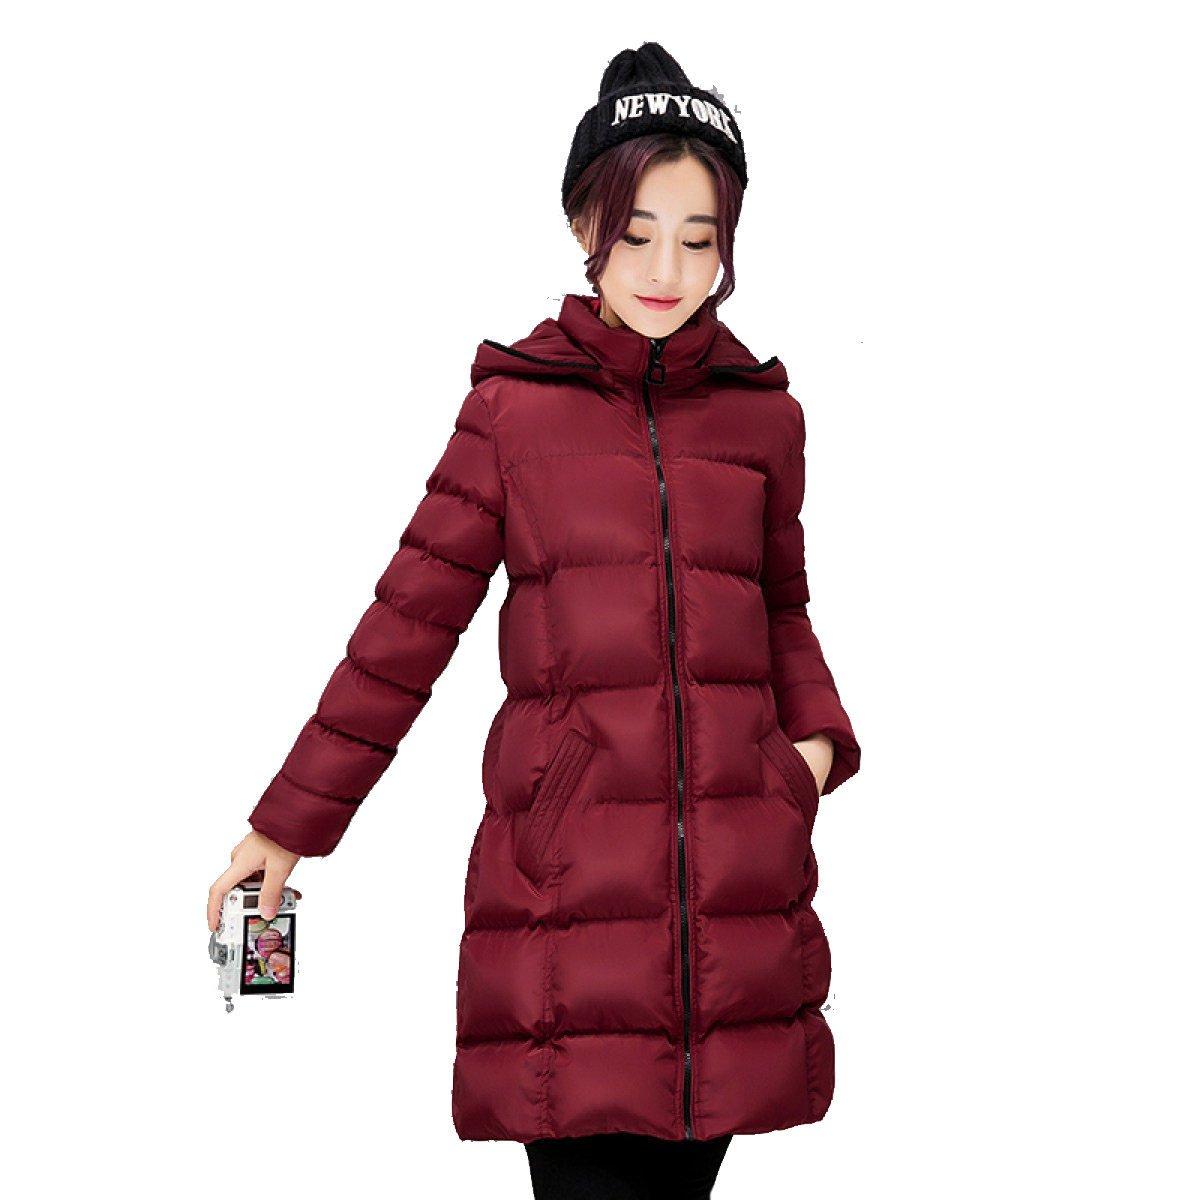 C grand nihiug Plume Coton Femelle Moyen Long Coréen Slim Pain Veste d'hiver Les Les dames Down veste lumière Mode Sauvage Chaud,A-L